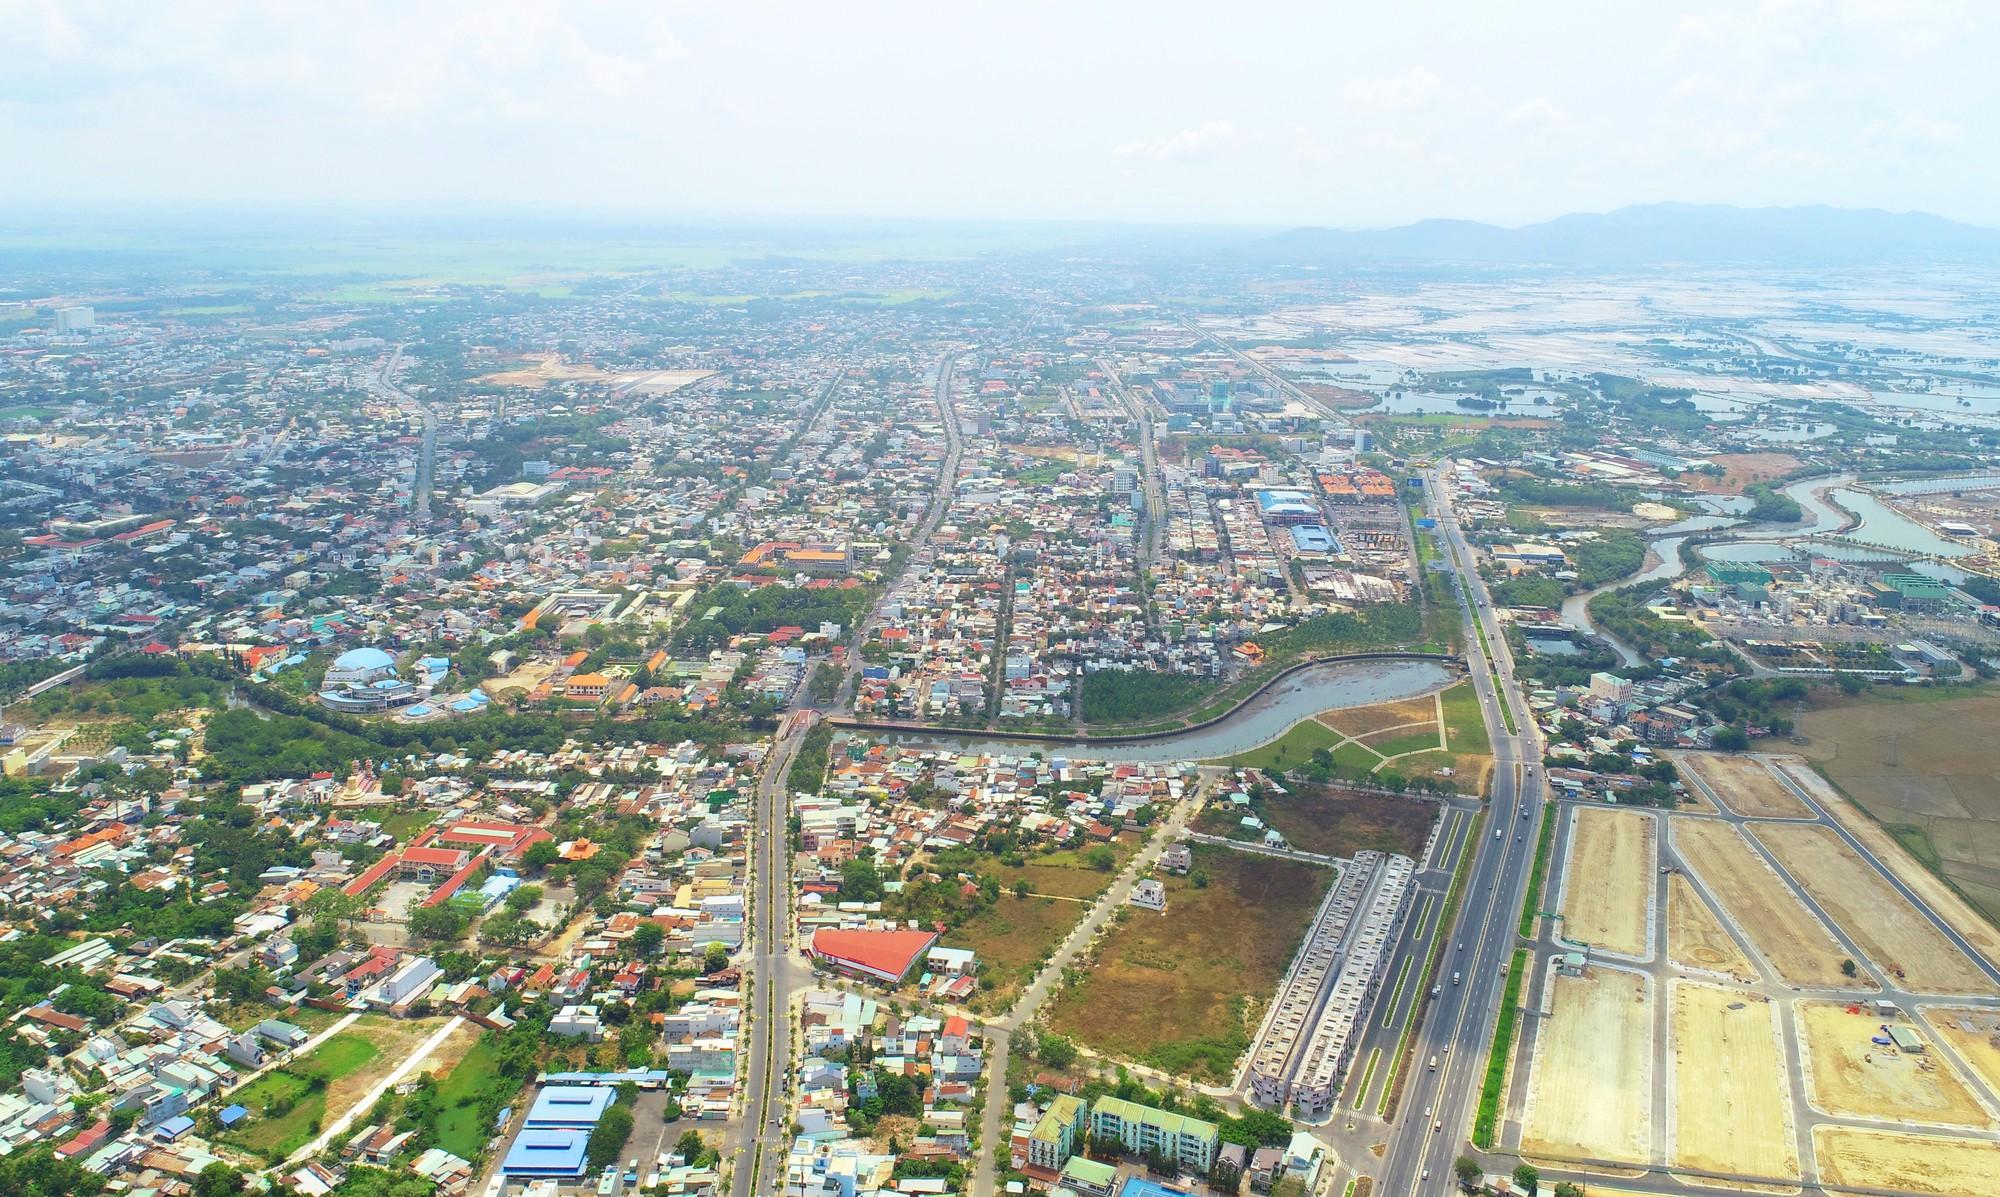 """Làn sóng đầu tư bất động sản đổ về vùng đô thị TP.HCM mở rộng, """"nóng"""" cục bộ ở Đồng Nai, Bình Dương, Bà Rịa Vũng Tàu"""